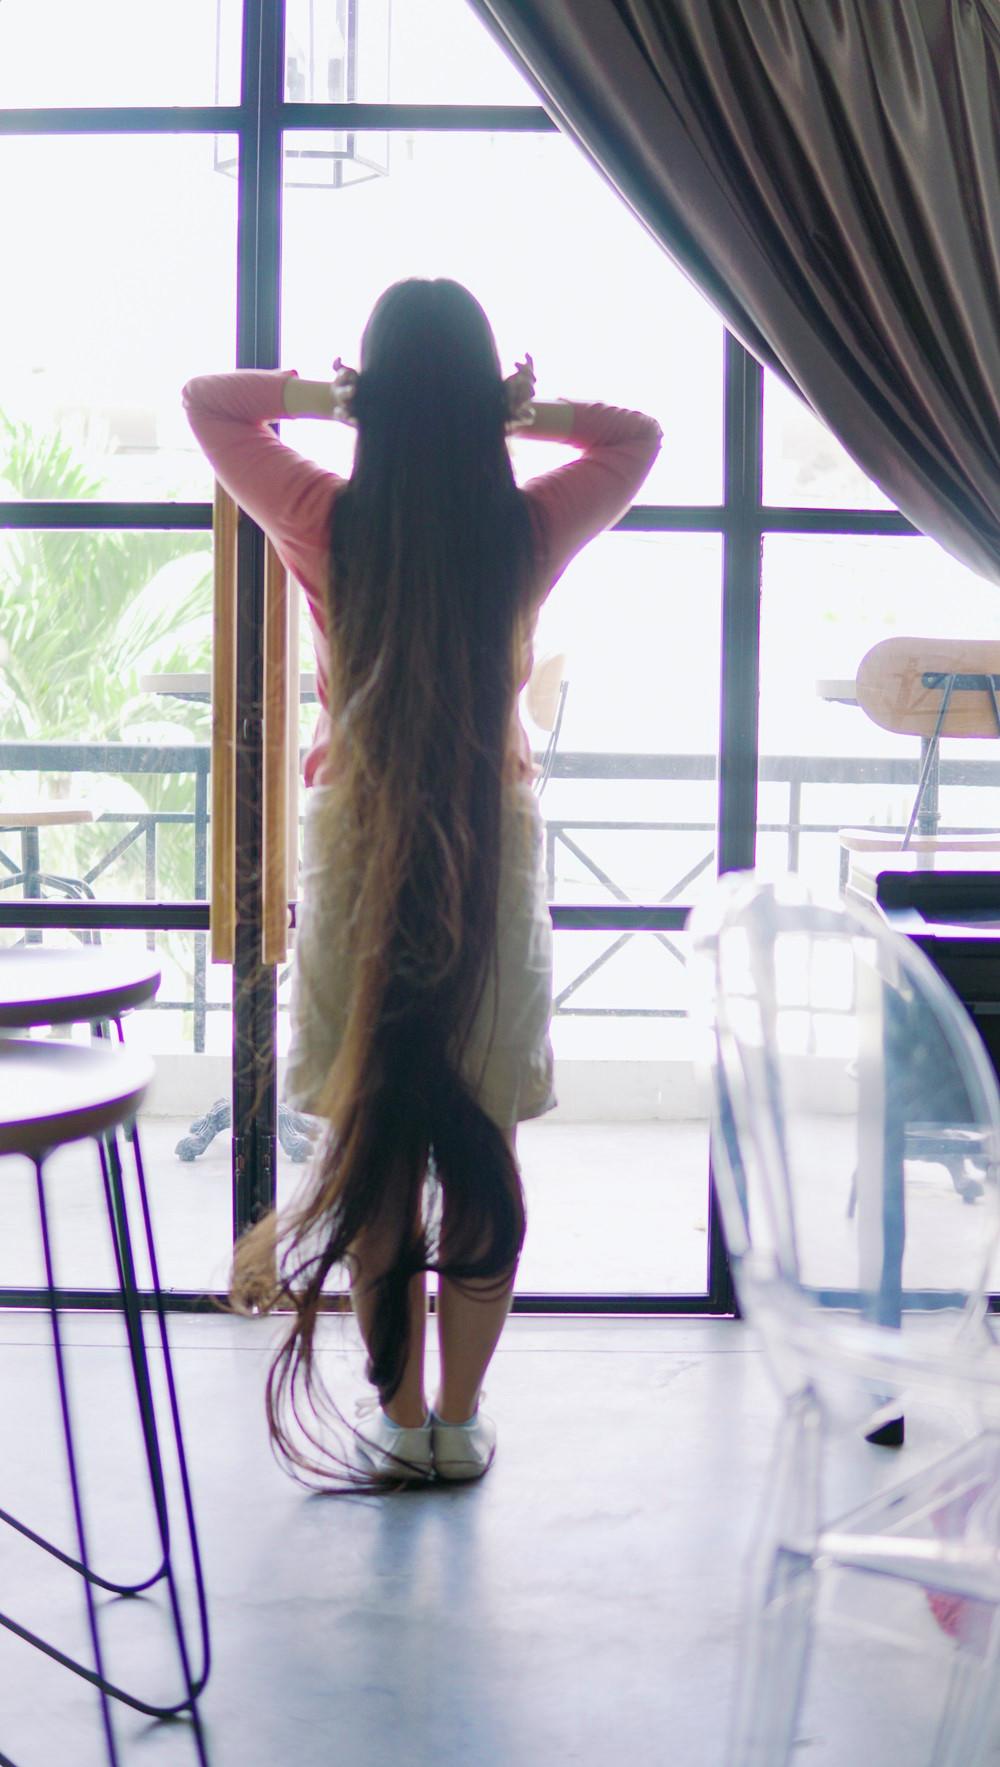 9X Sài Gòn kiếm chục triệu mỗi tháng nhờ có mái tóc dài 2 m-4